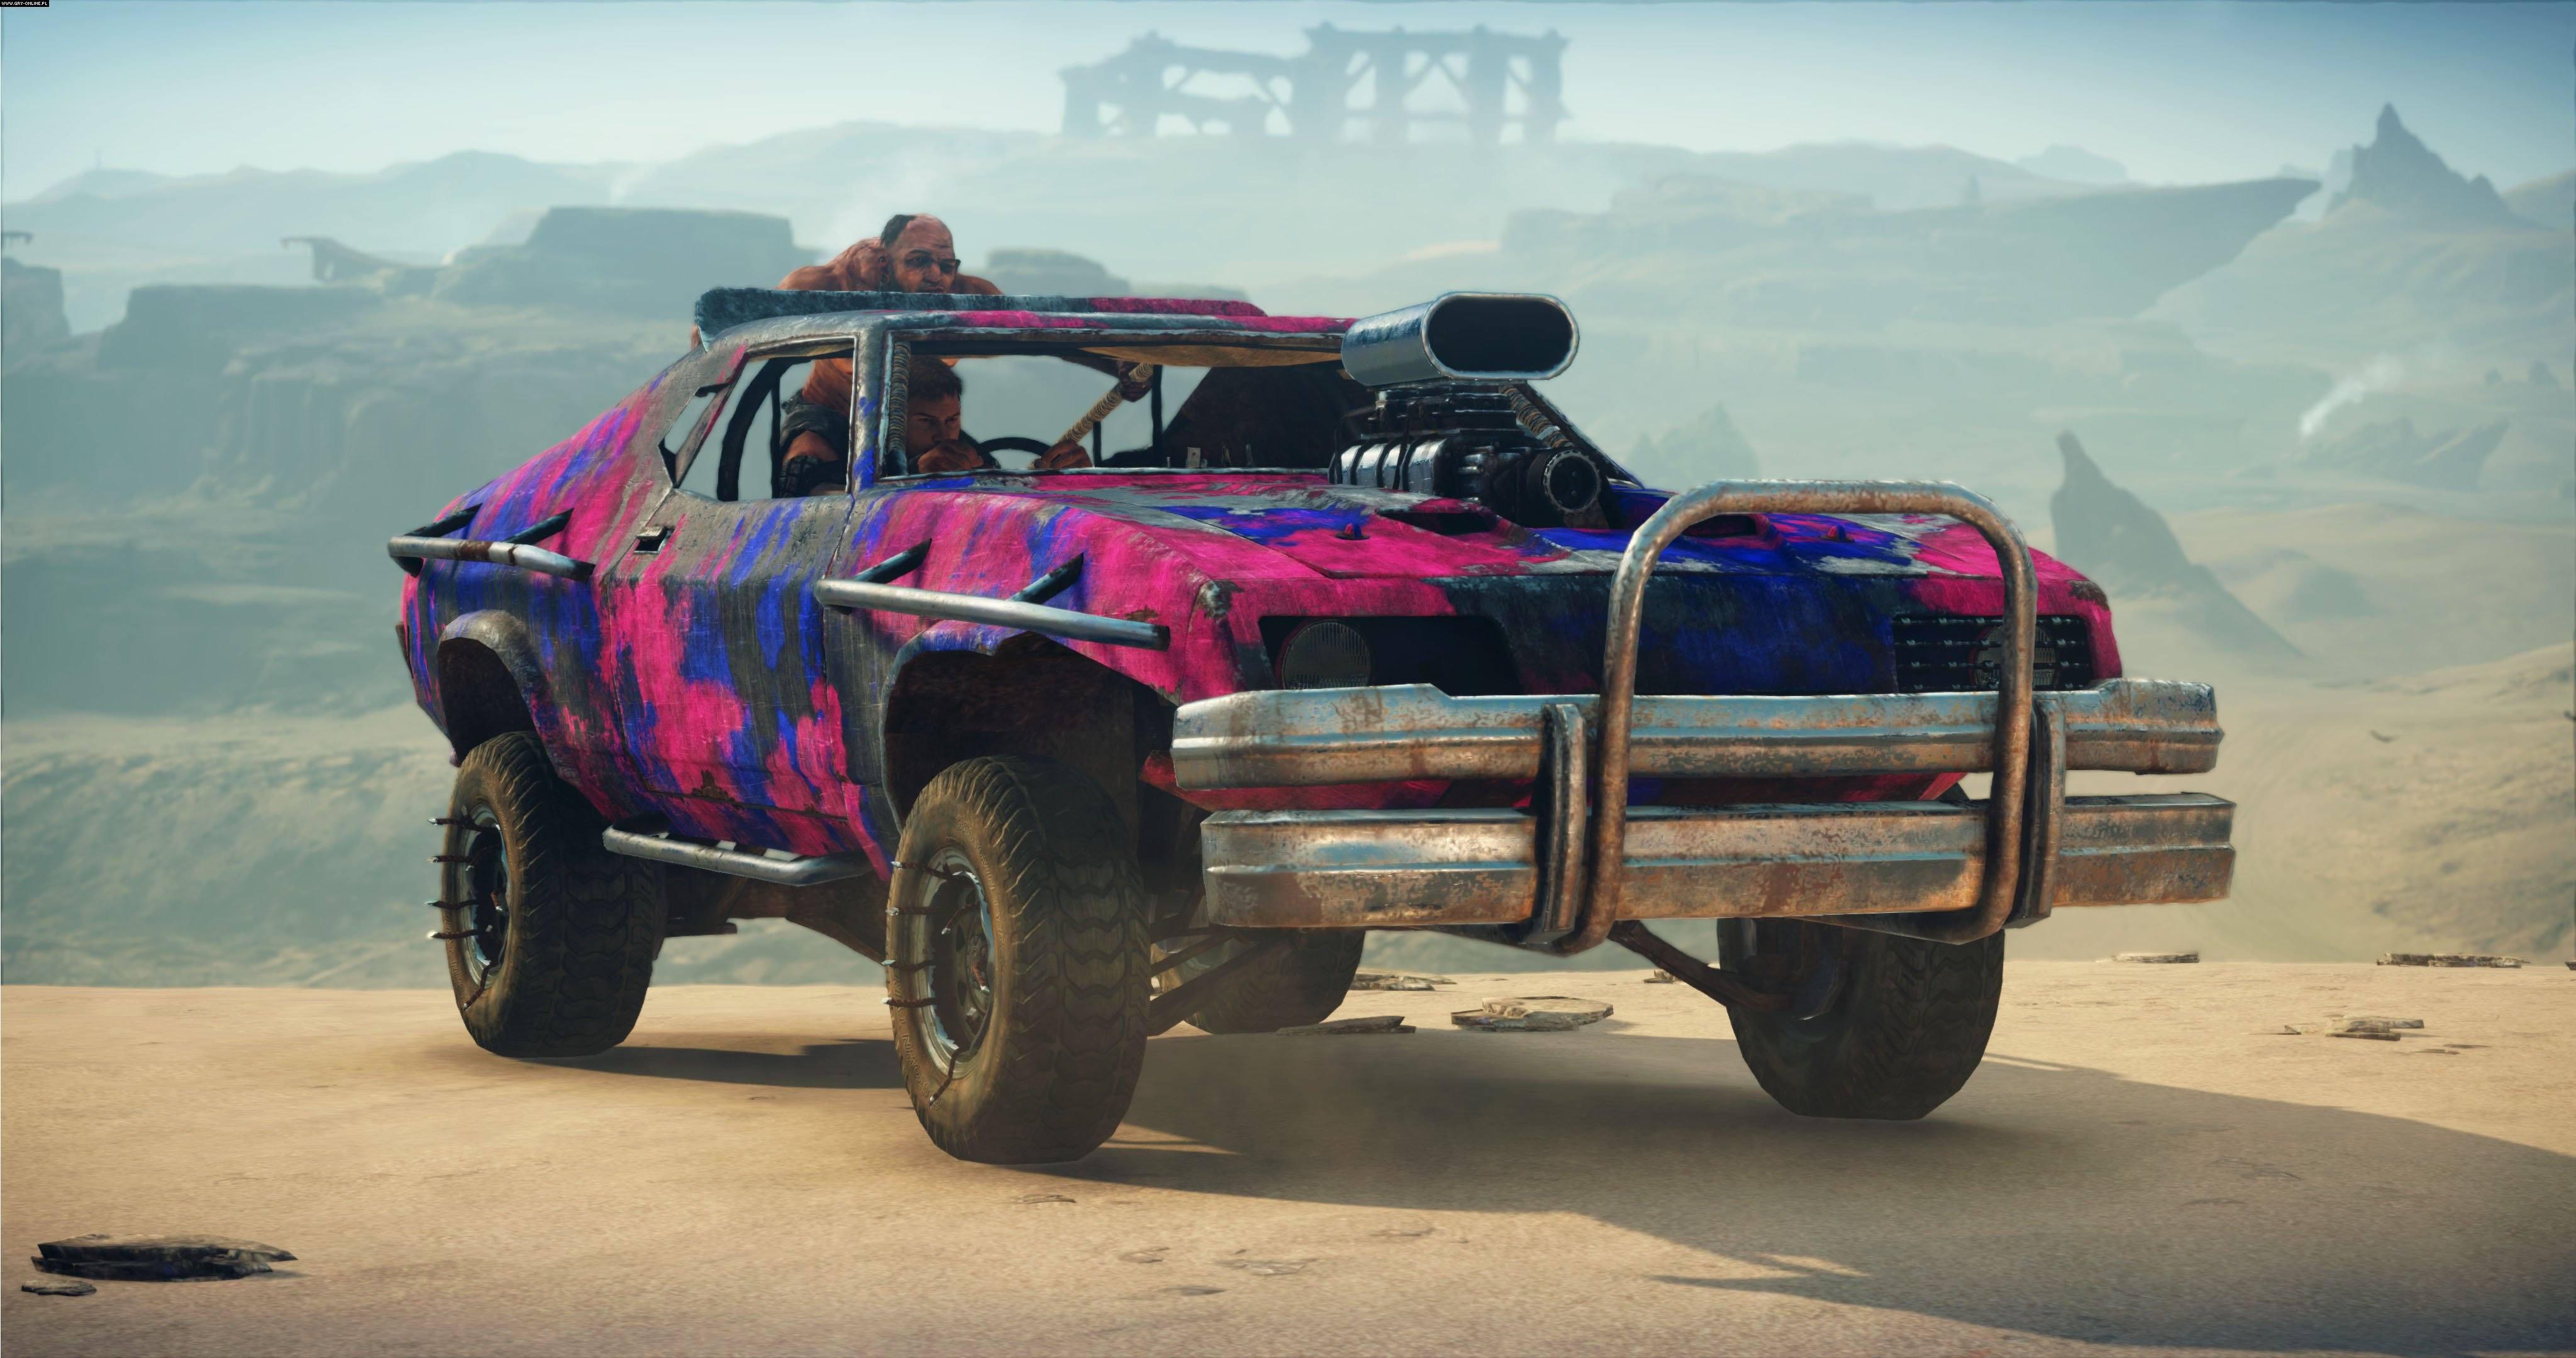 Mad Max image #3